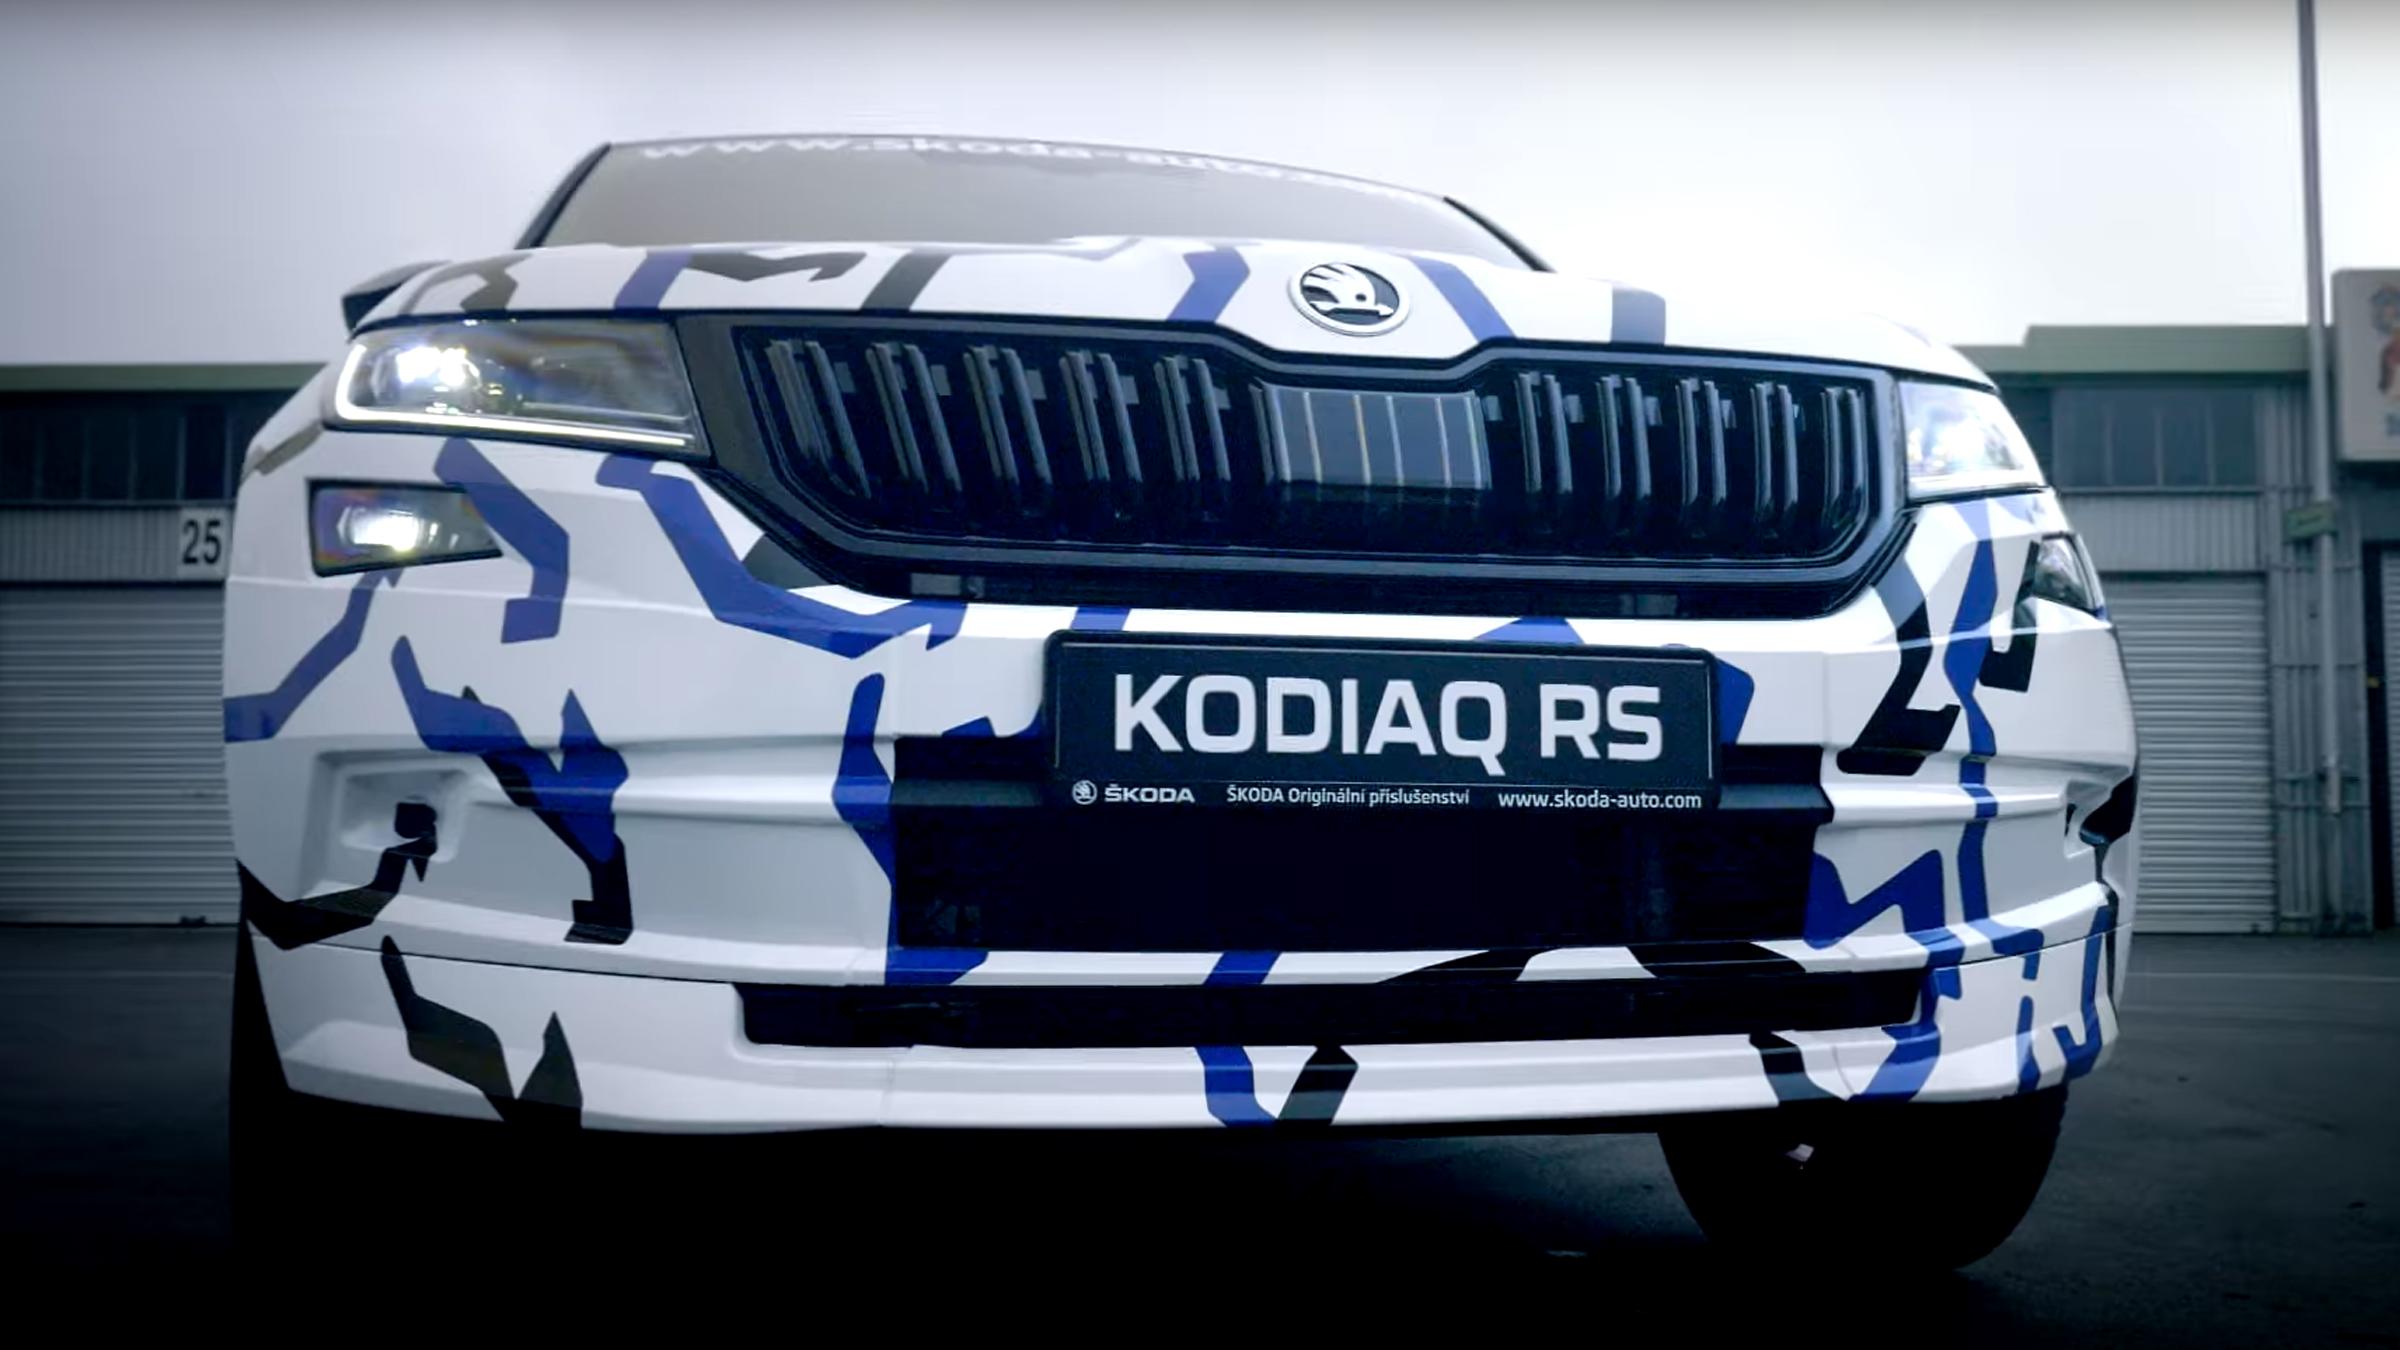 Skoda's hot SUV teased